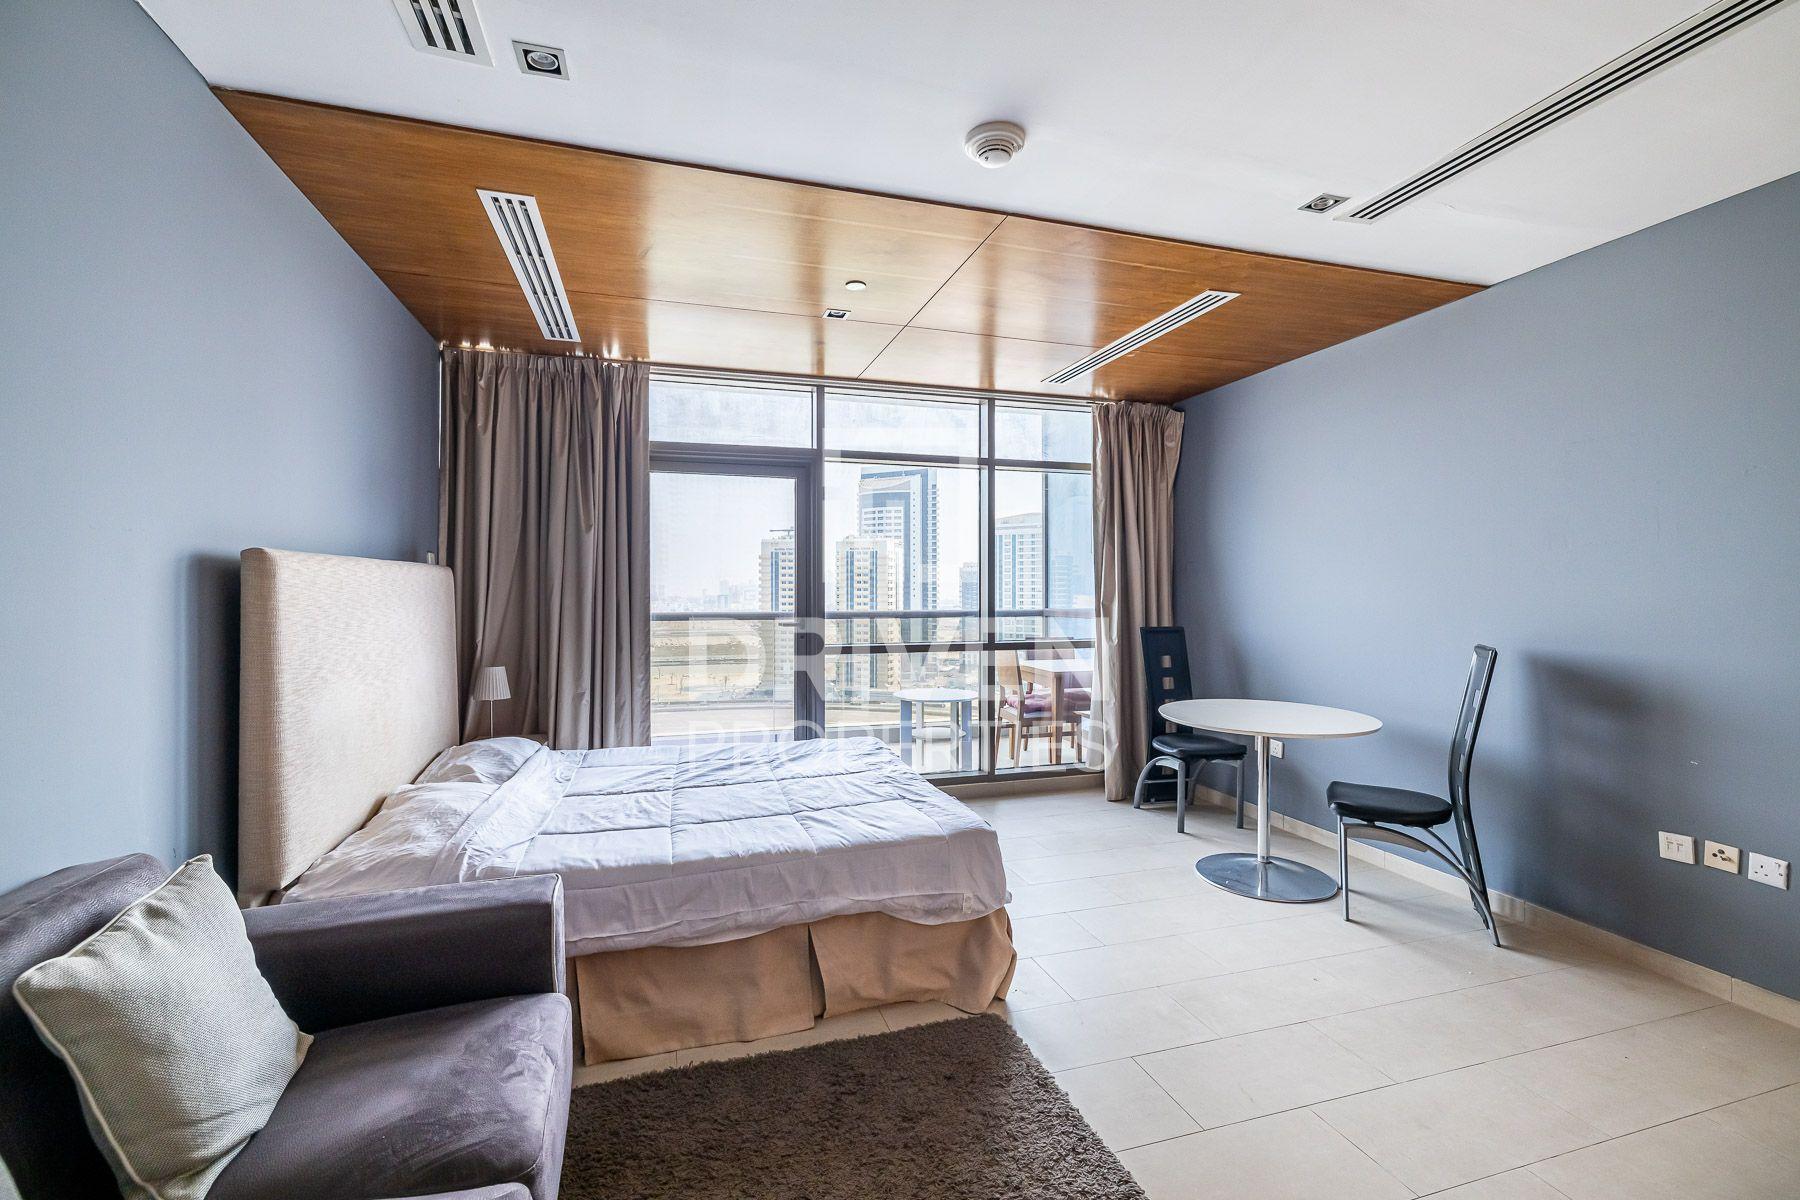 399 قدم مربع  ستوديو - للايجار - مدينة دبي الرياضية